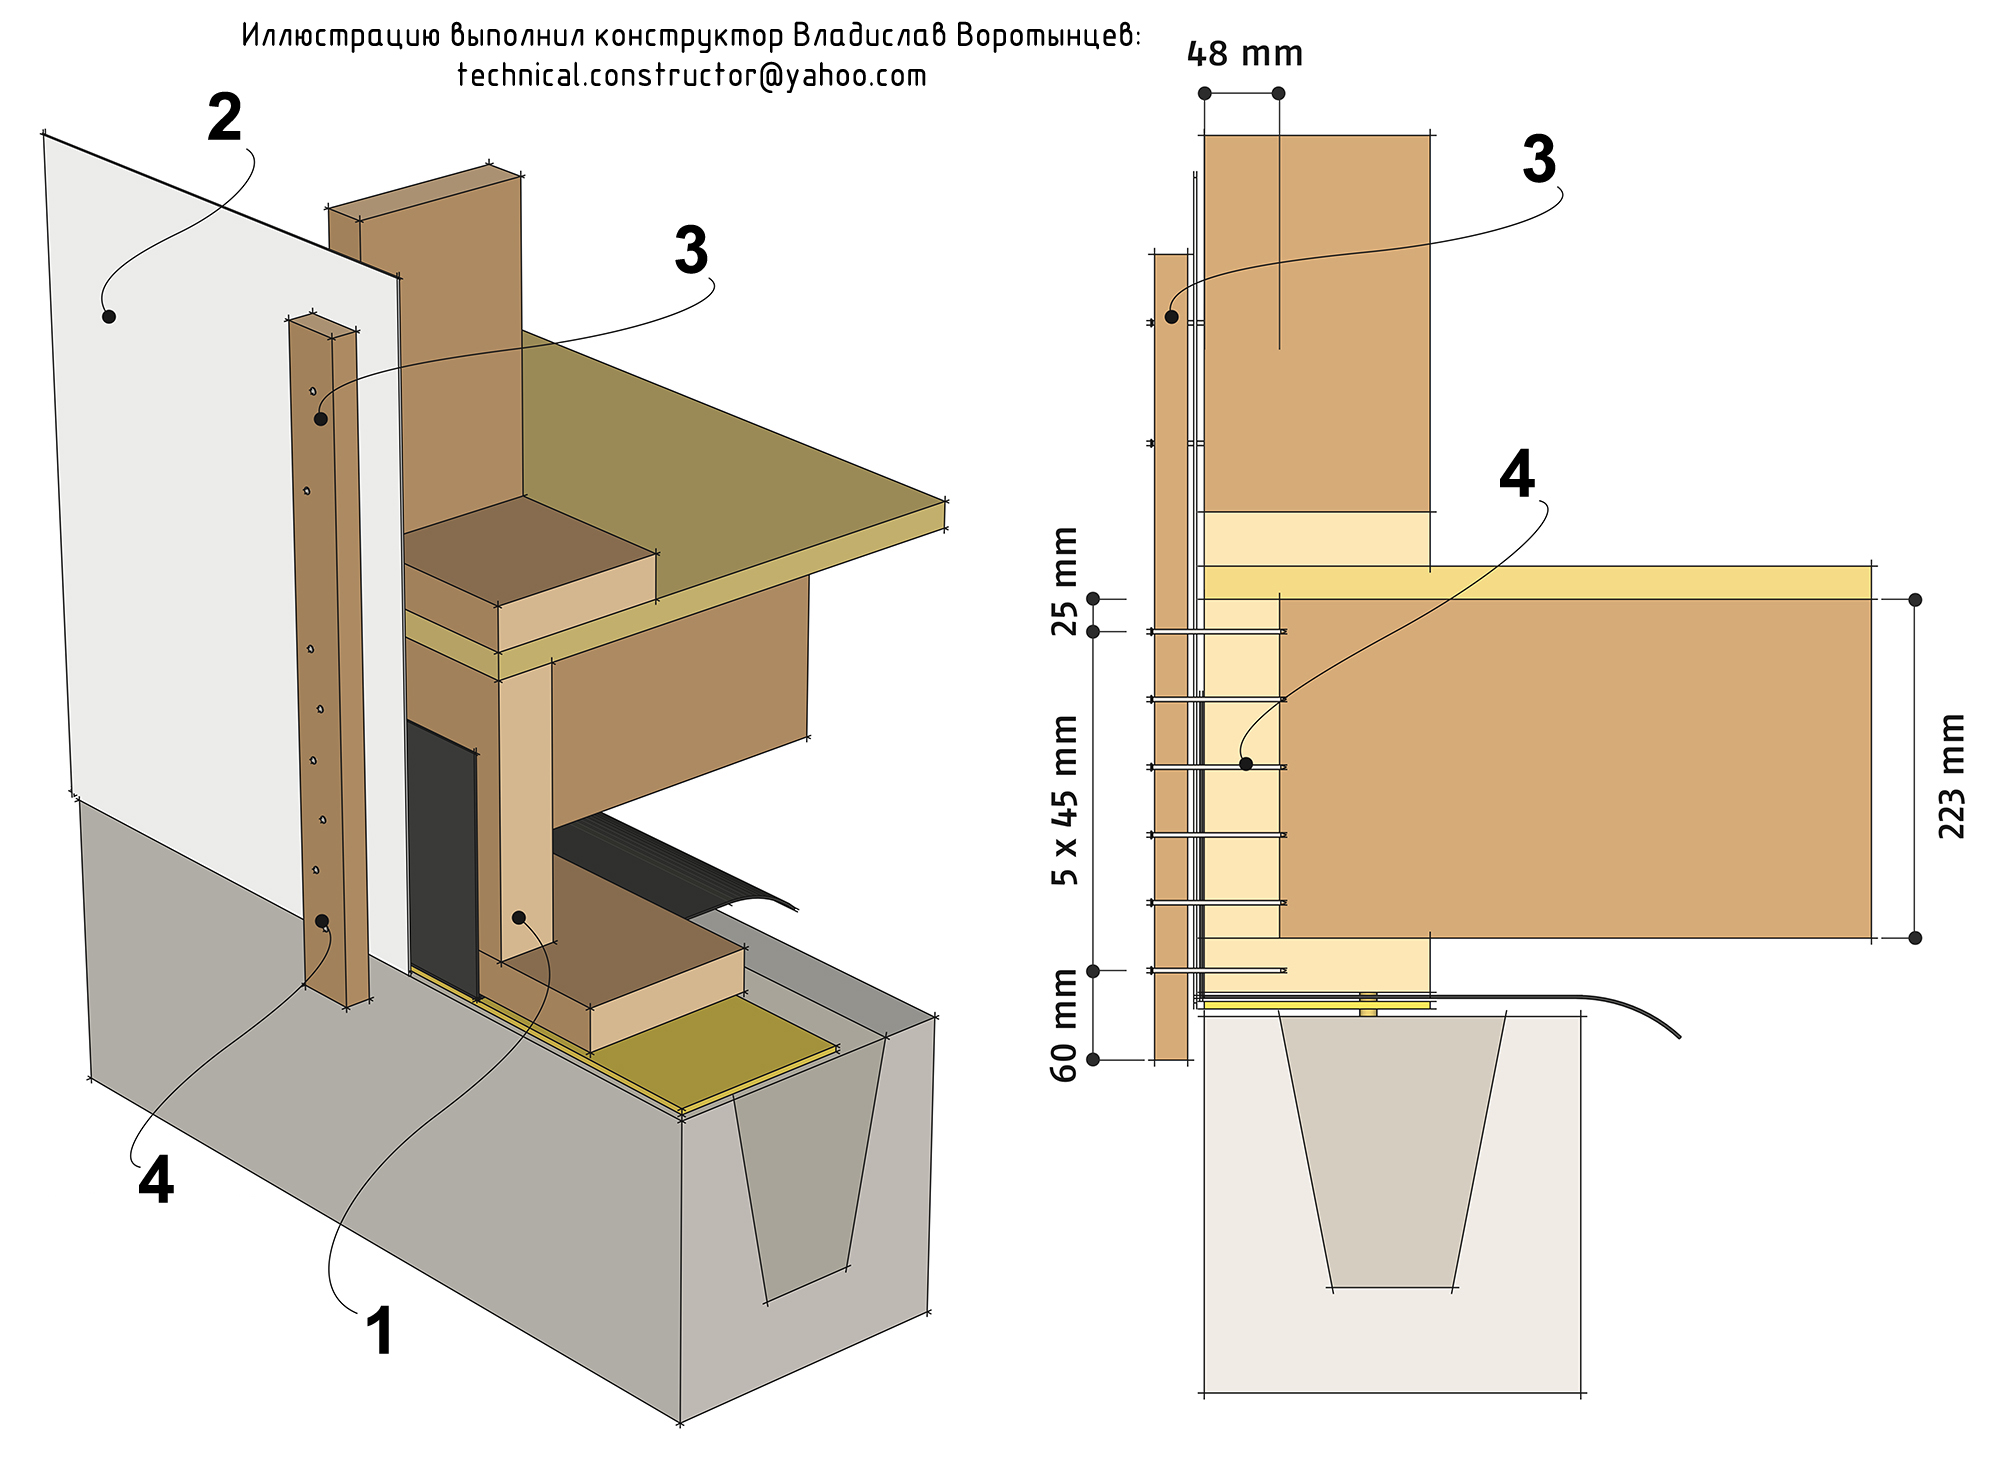 Рис. 9.35 Анкеровка деревянных каркасных стен к цокольному перекрытию с помощью деревянных реек. Анкеровка деревянных каркасных стен к каркасу цокольного перекрытия